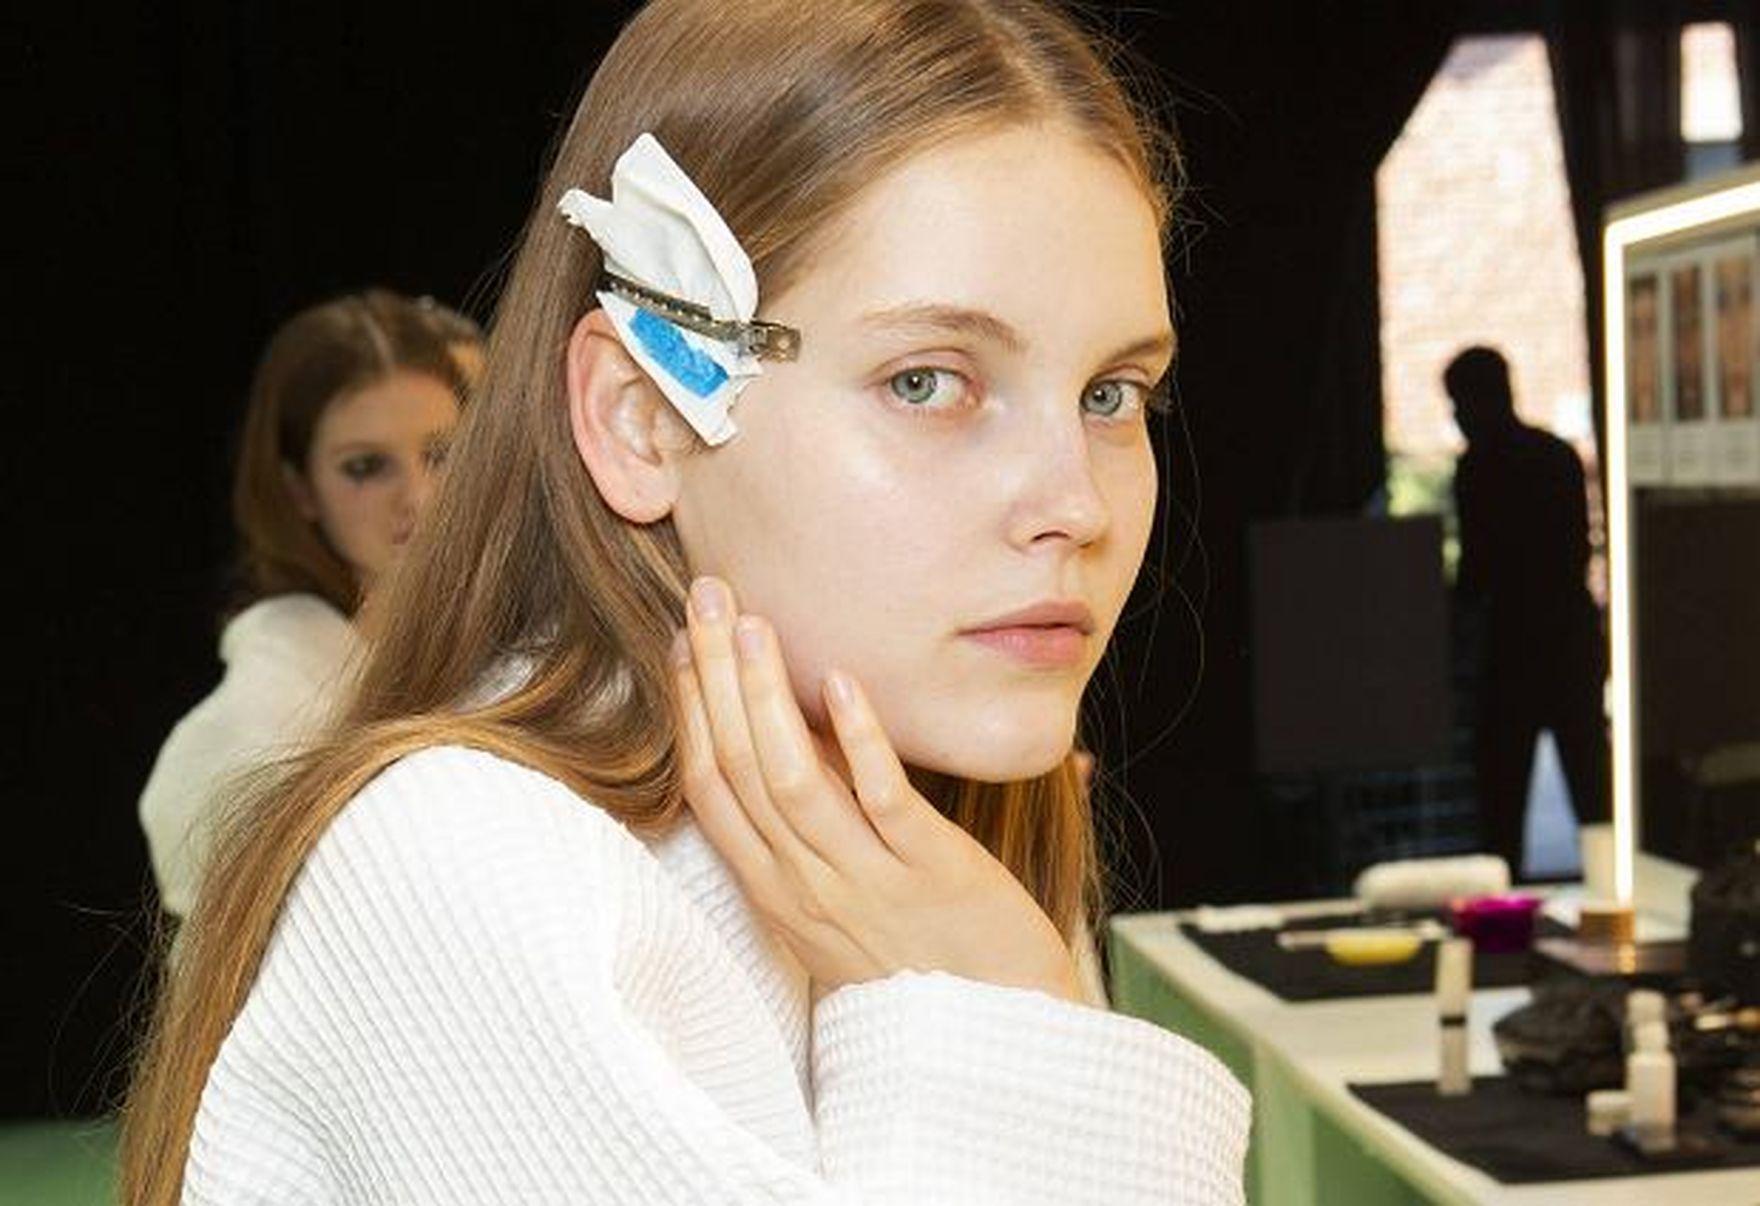 Drożdżowe odżywki do włosów? A może test szminek za pomocą filtra na Instagramie? Odkrywamy nowości kosmetyczne